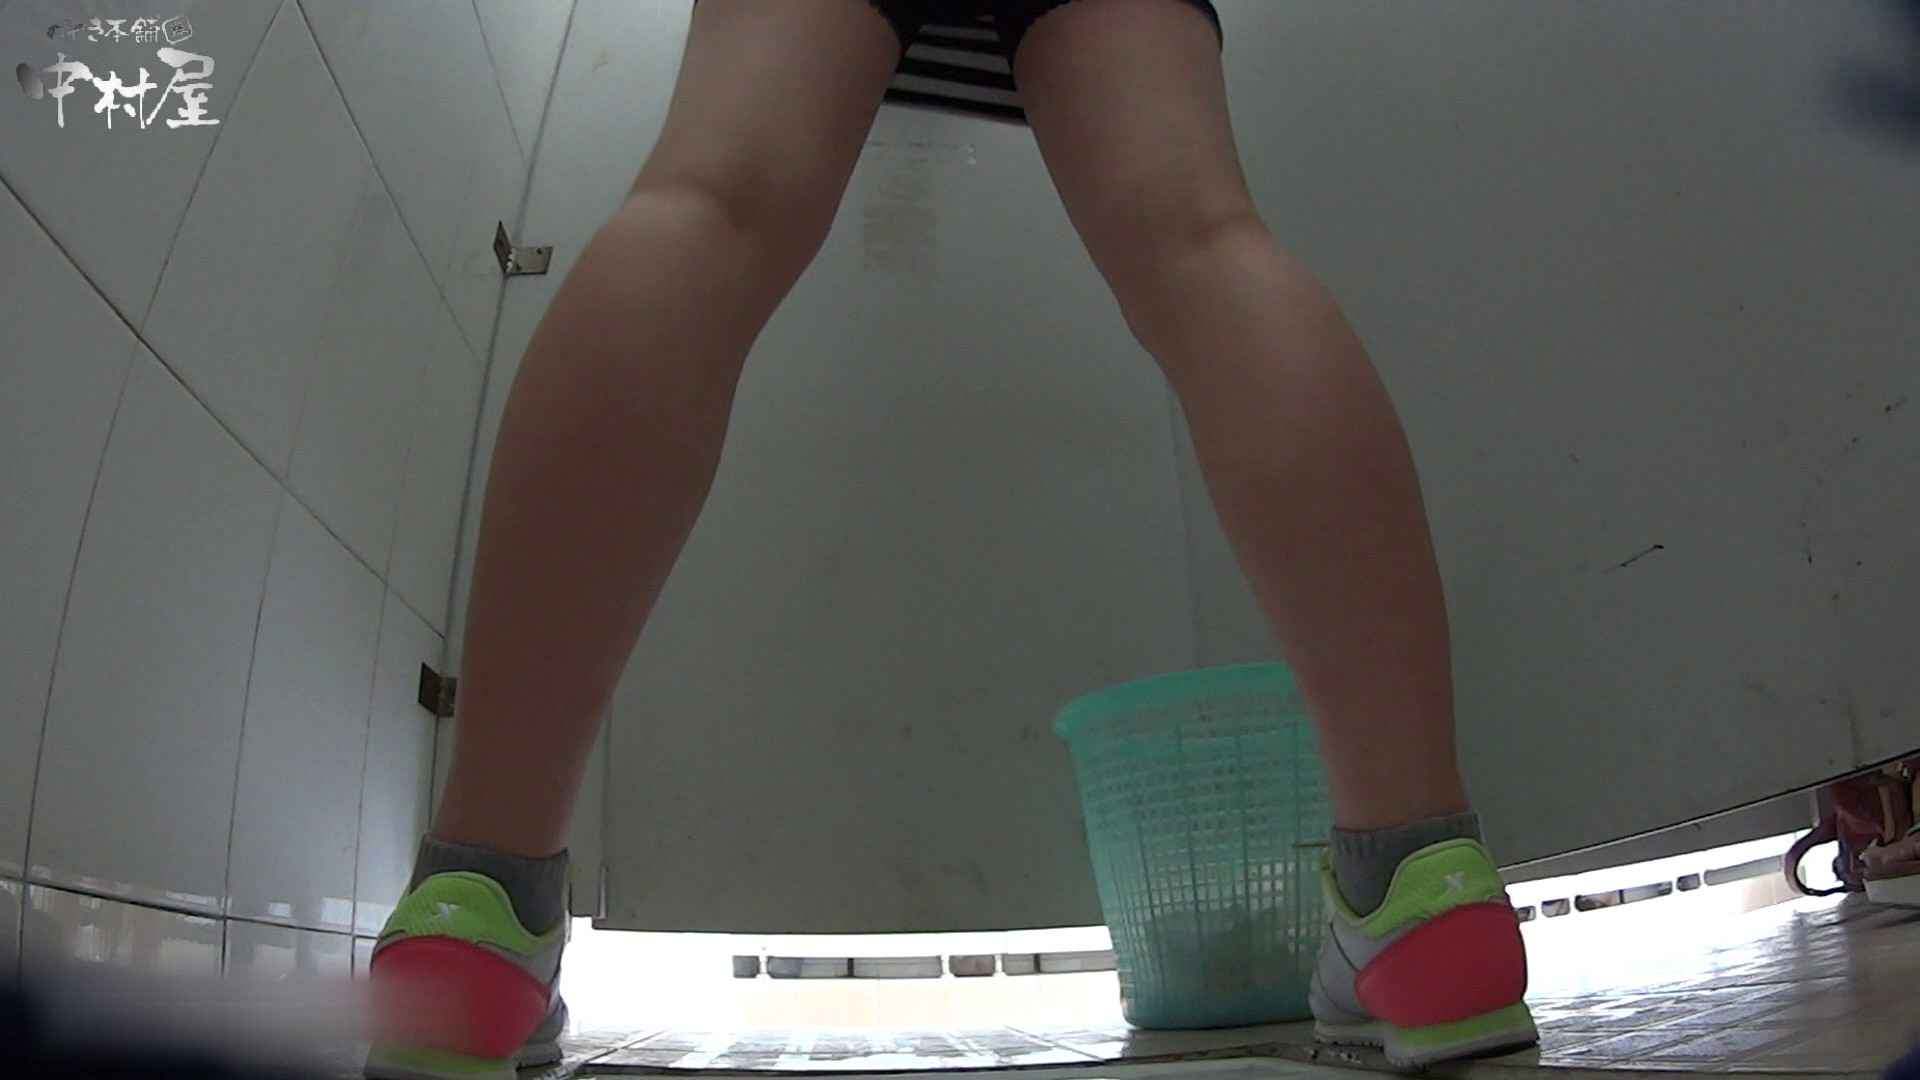 美しい女良たちのトイレ事情 有名大学休憩時間の洗面所事情06 洗面所 オメコ動画キャプチャ 47連発 25